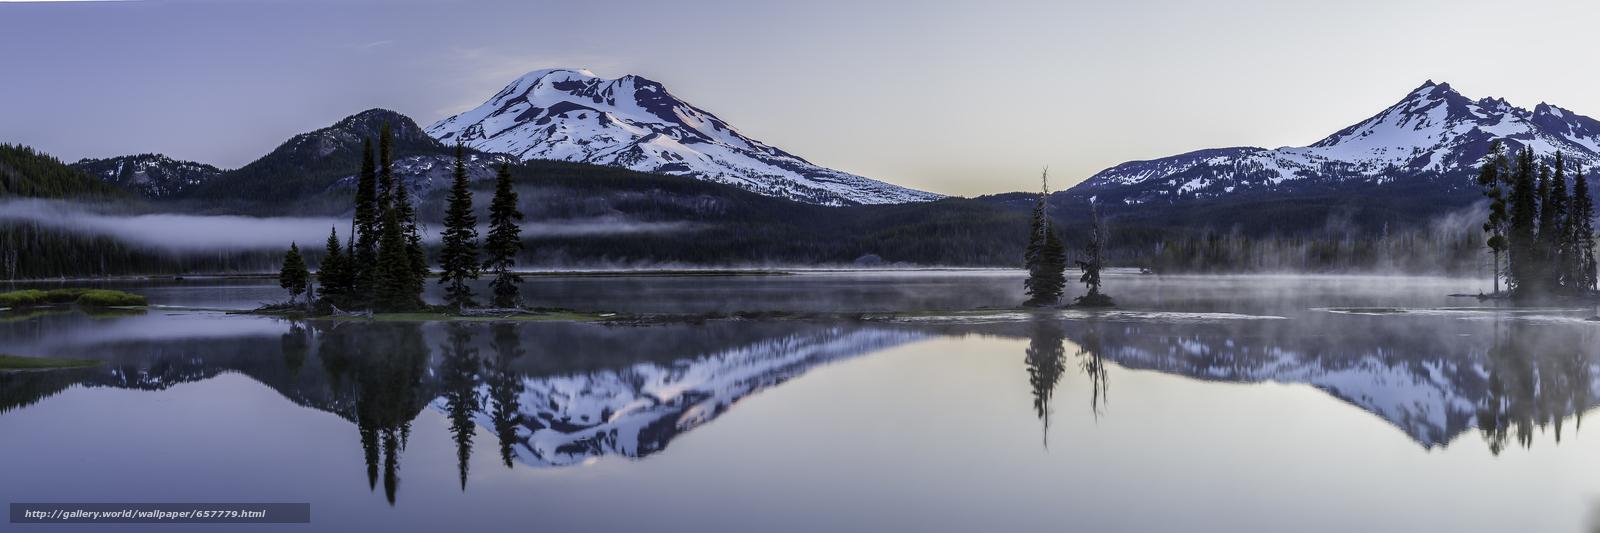 Скачать обои Sparks Lake,  Deschutes County,  Oregon,  панорама бесплатно для рабочего стола в разрешении 8494x2831 — картинка №657779